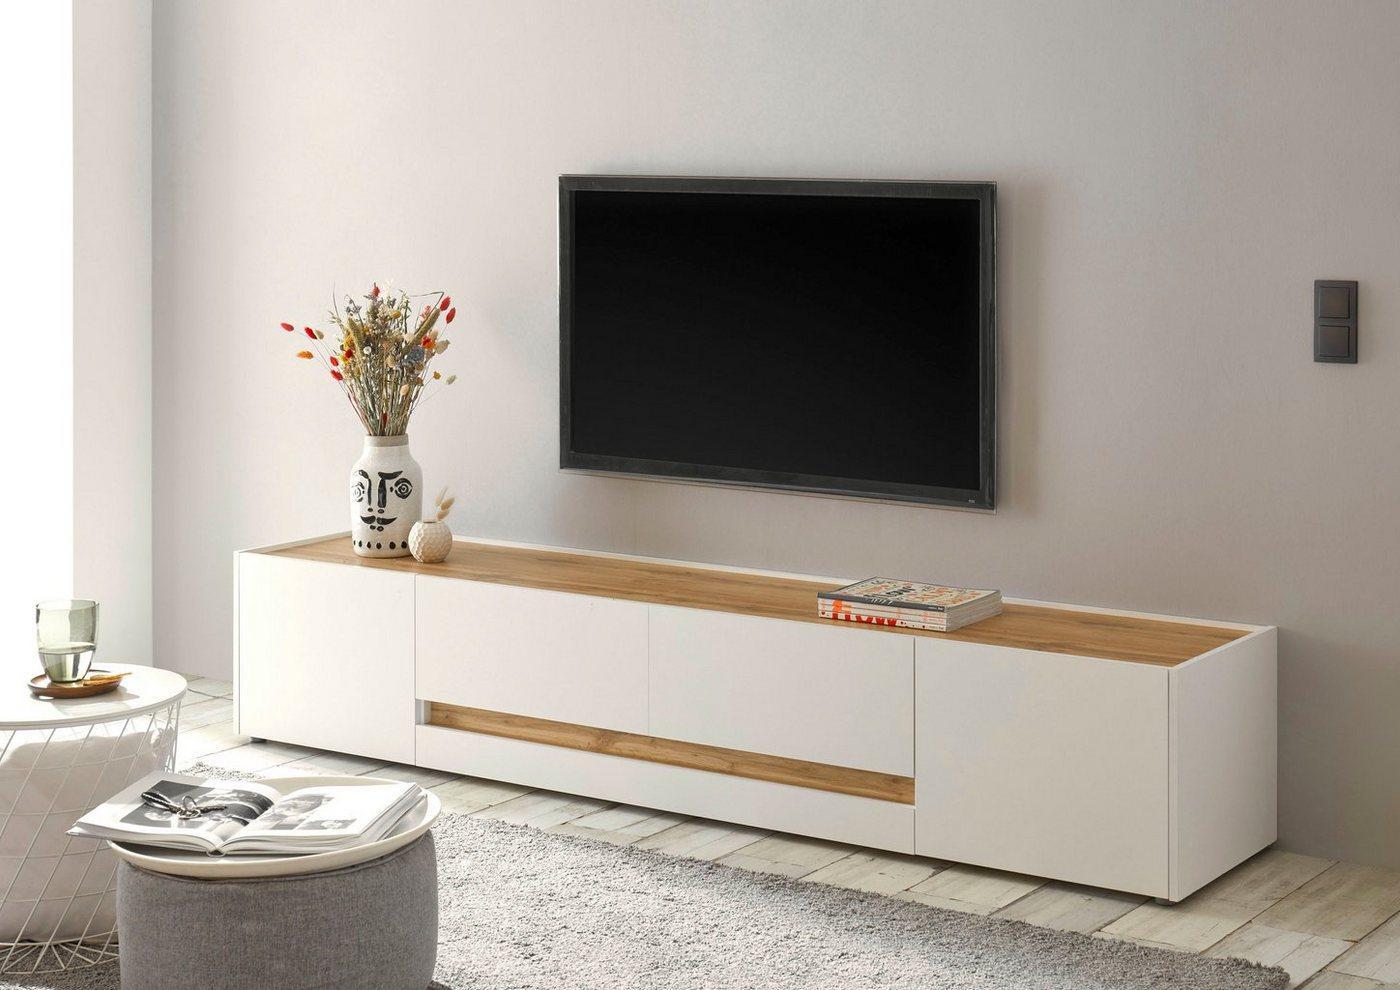 INOSIGN Lowboard »CiTY Lowboard 33«, im modernen Design, weiß